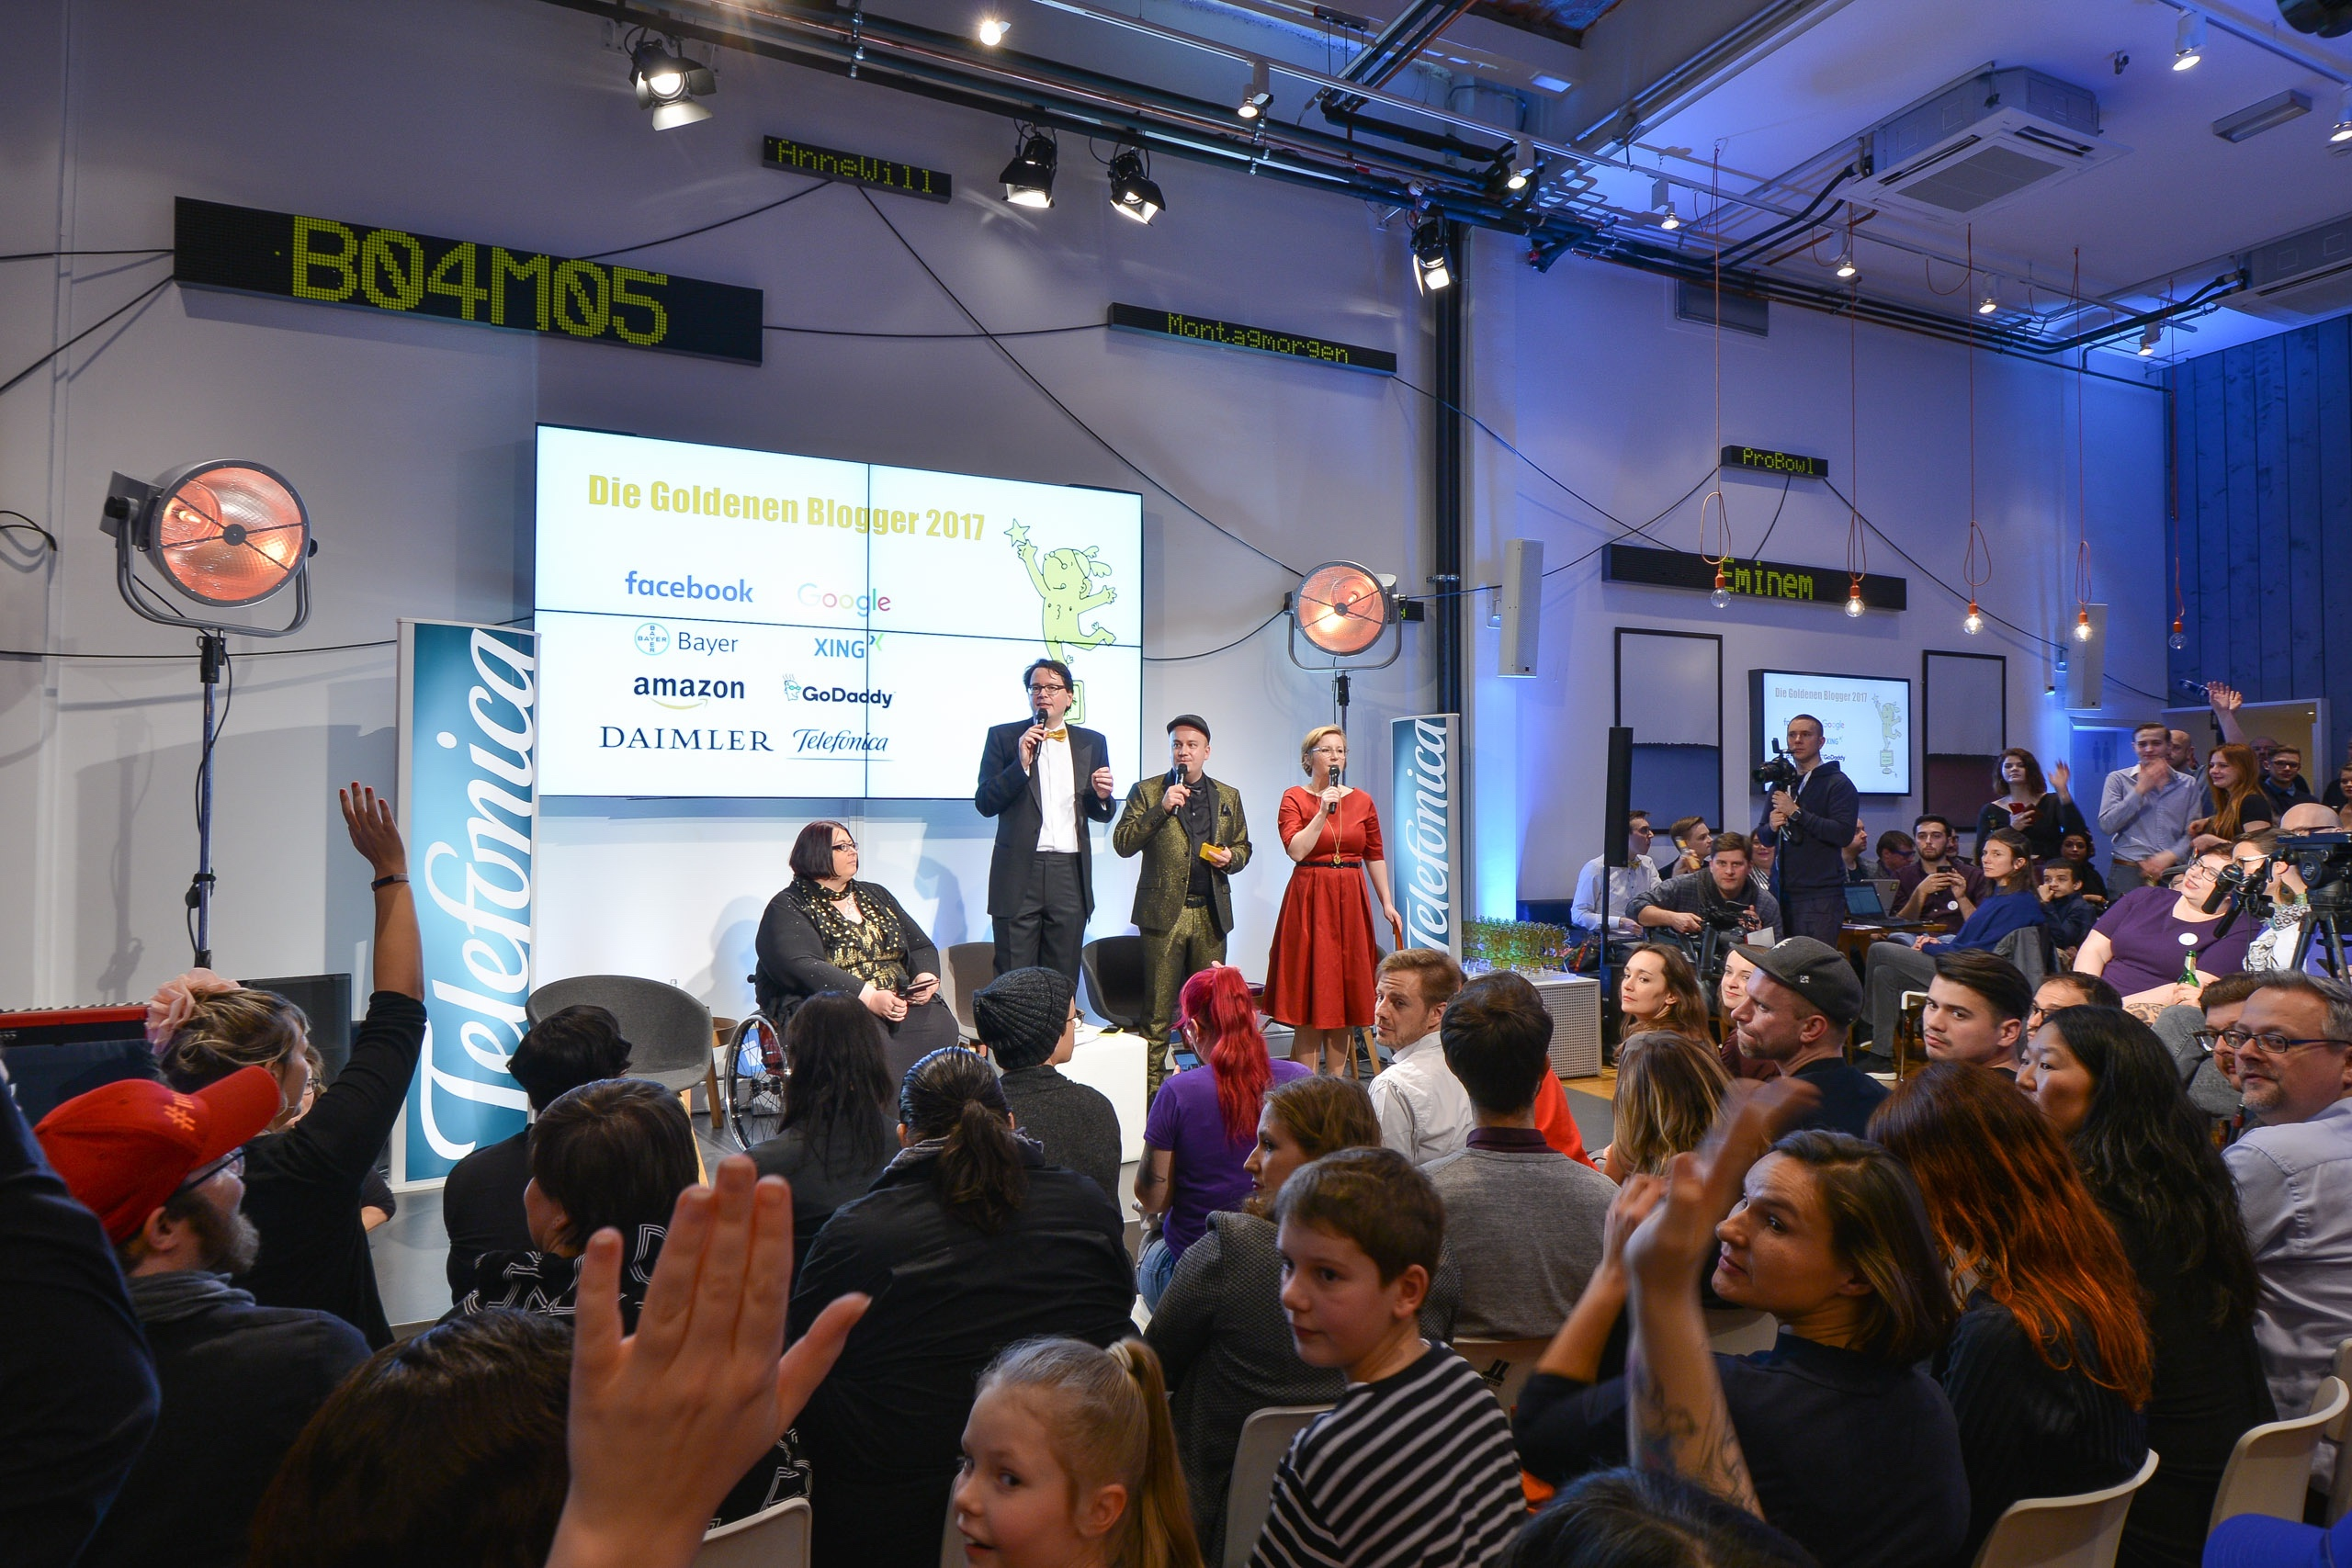 Goldene Blogger 2017: Christiane Link, Thomas Knüwer, Daniel Fiene, Franziska Bluhm